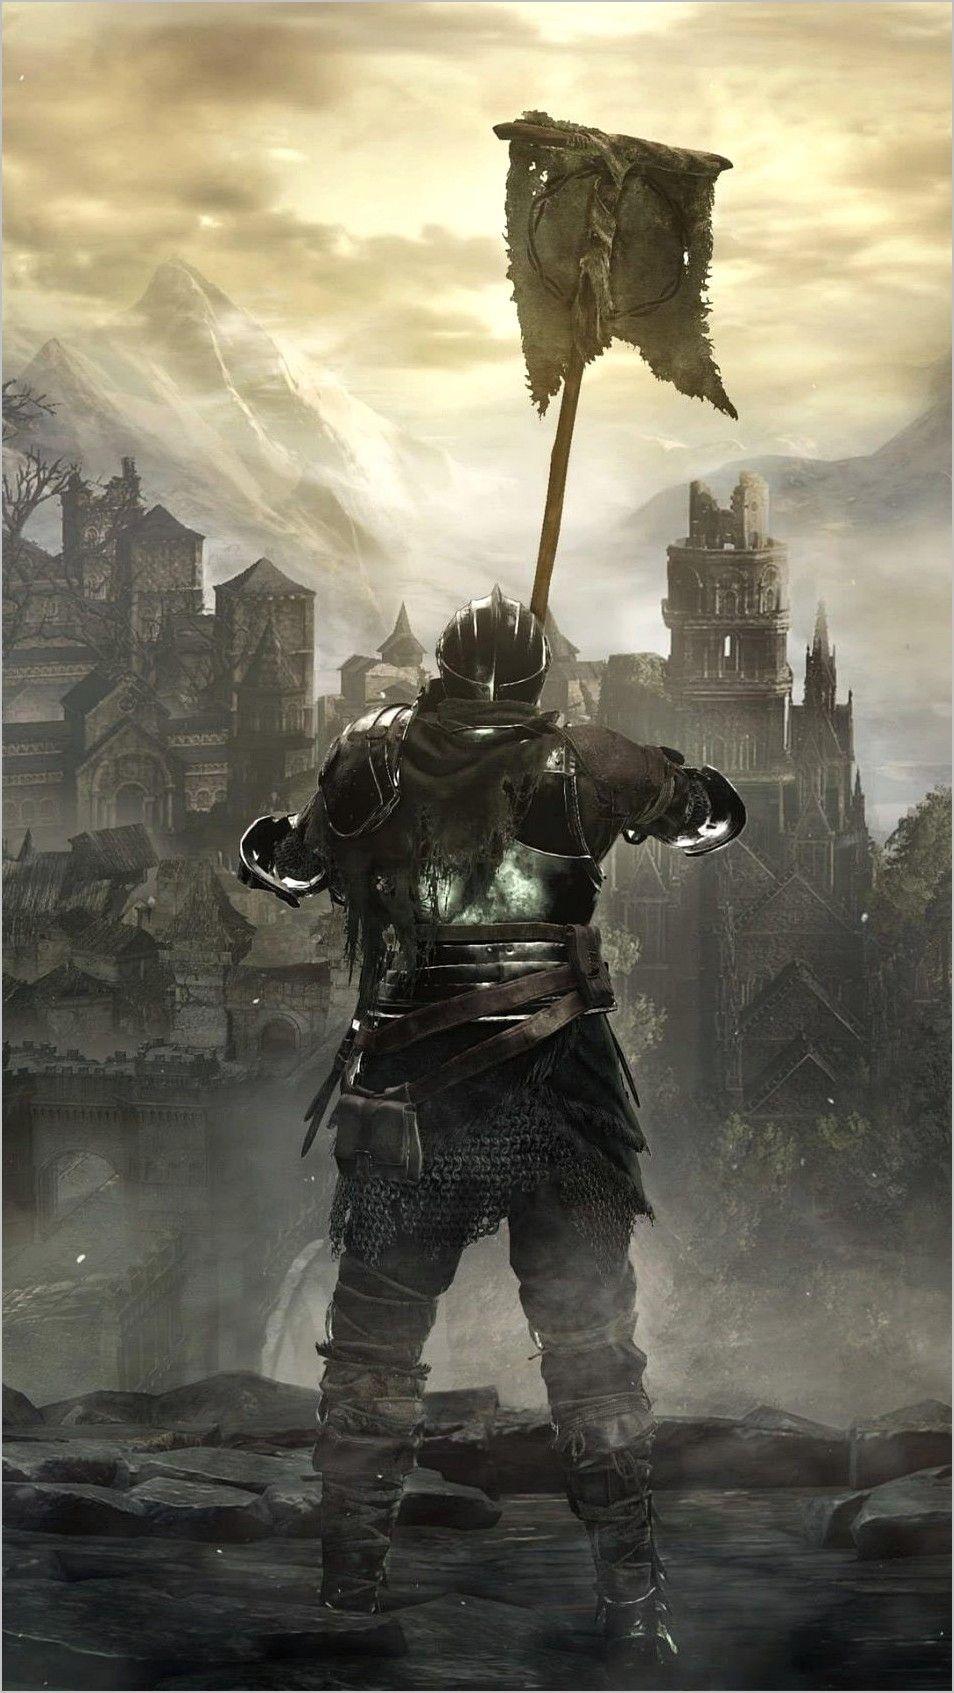 Dark Souls Wallpaper 4k Mobile In 2020 Dark Souls Wallpaper Dark Souls Dark Souls 3